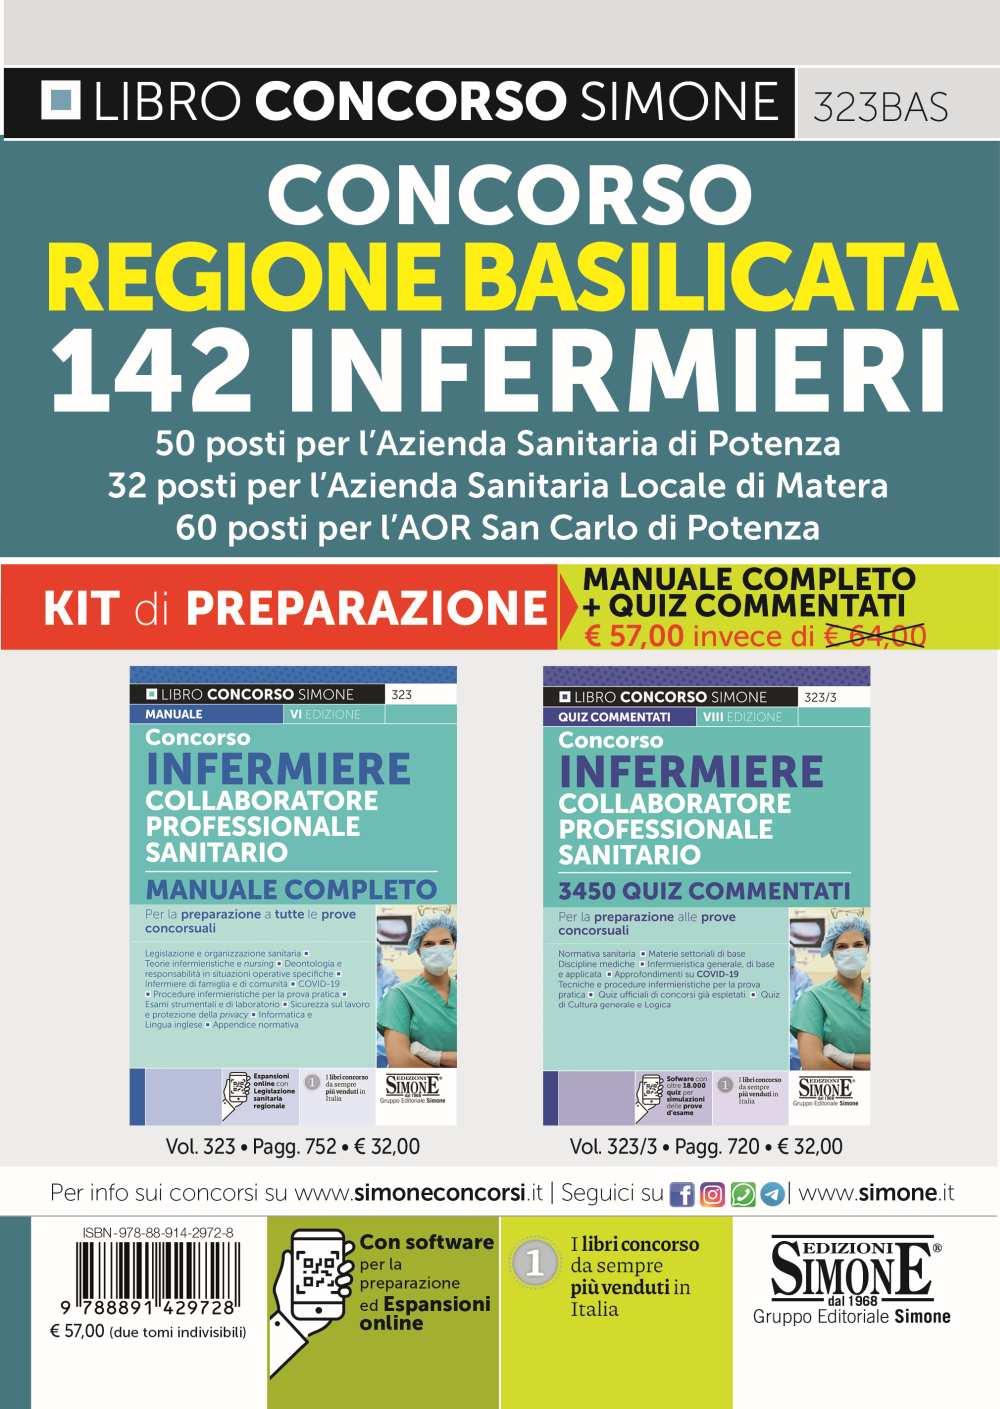 Concorso Infermieri Regione Basilicata